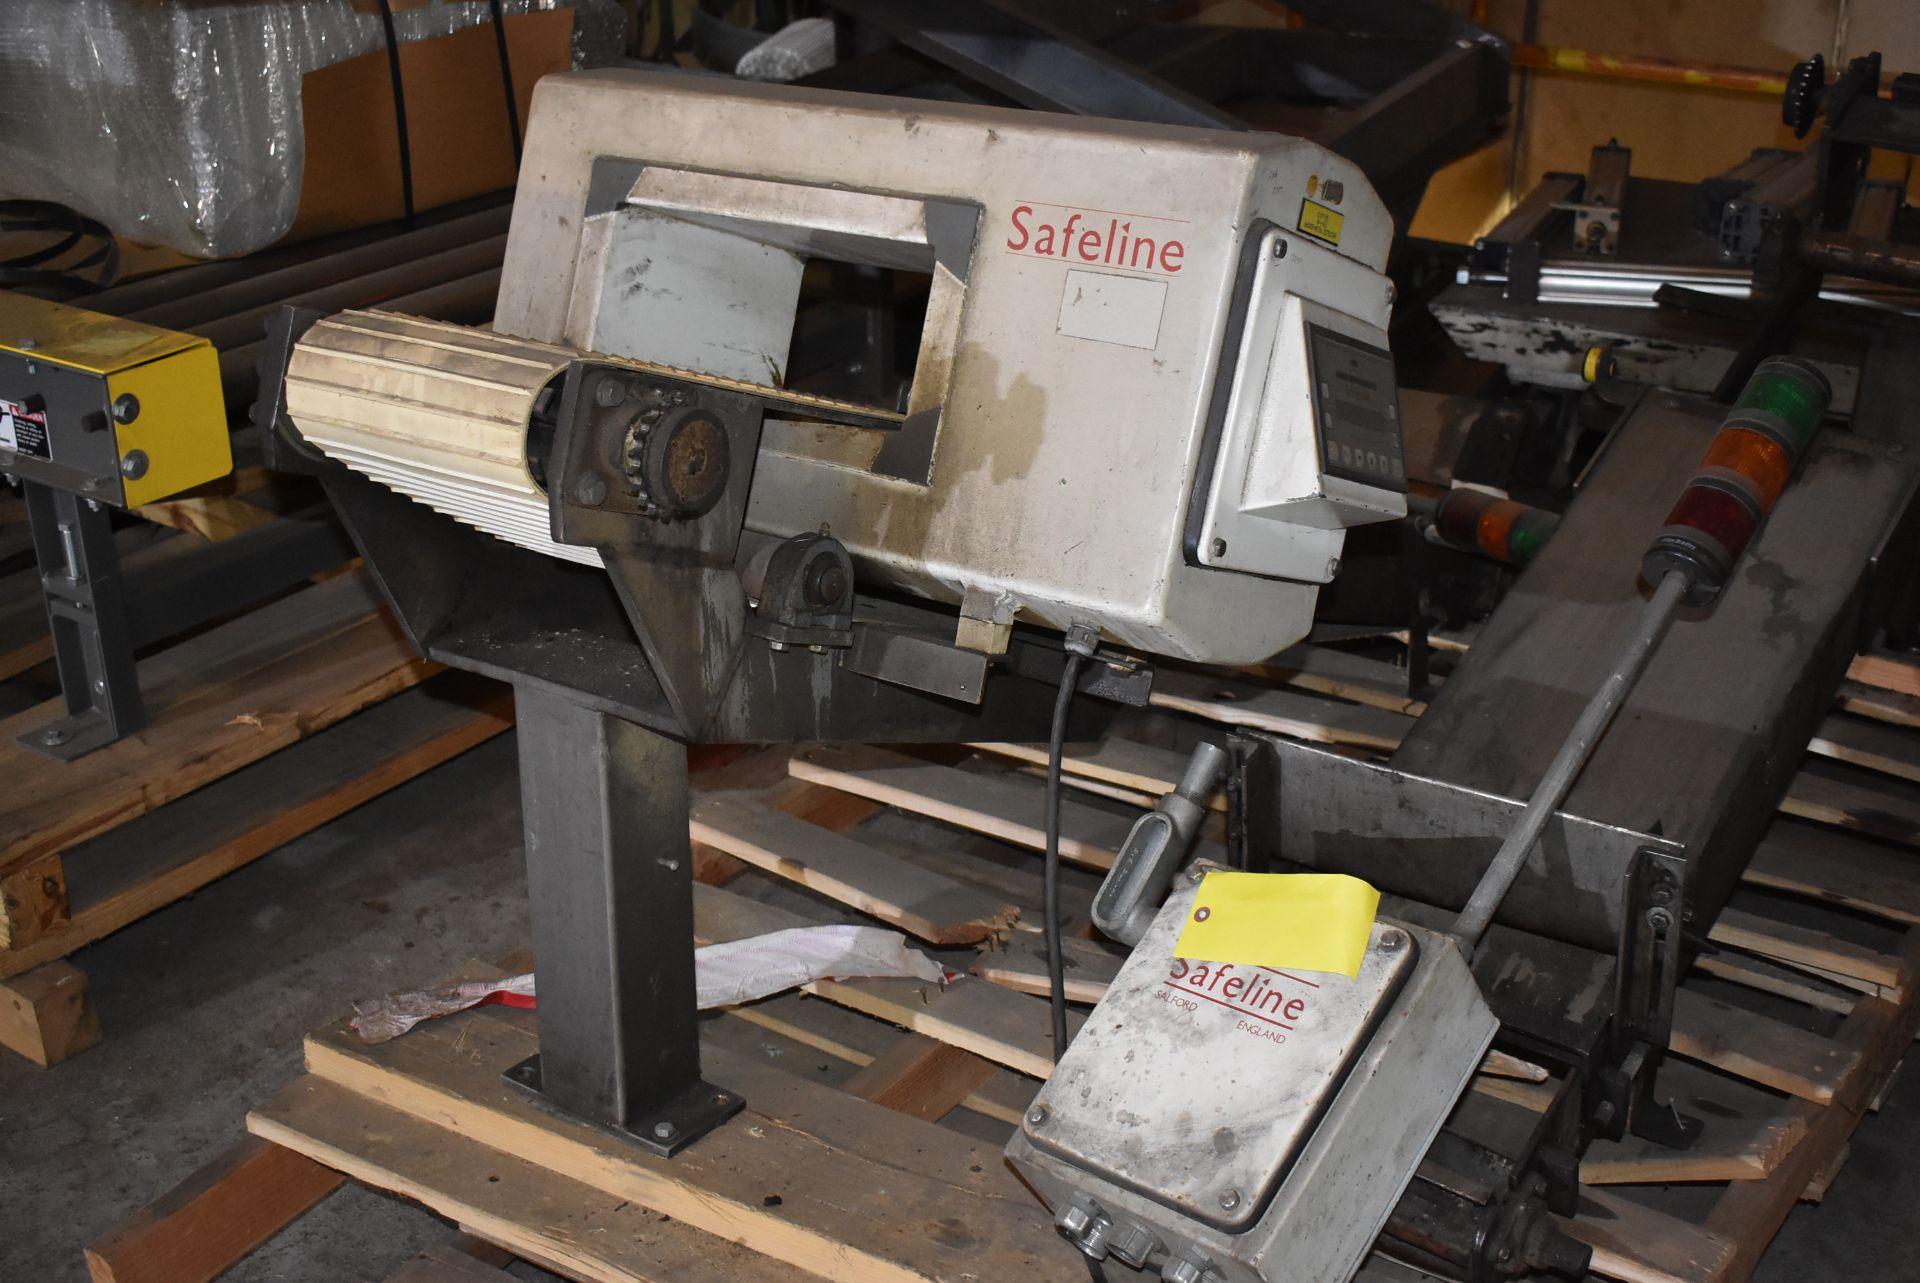 """Safeline Model #031-V2 Metal Detector, 13 1/2"""" x 6"""" Aperture, Includes Section of Conveyor"""